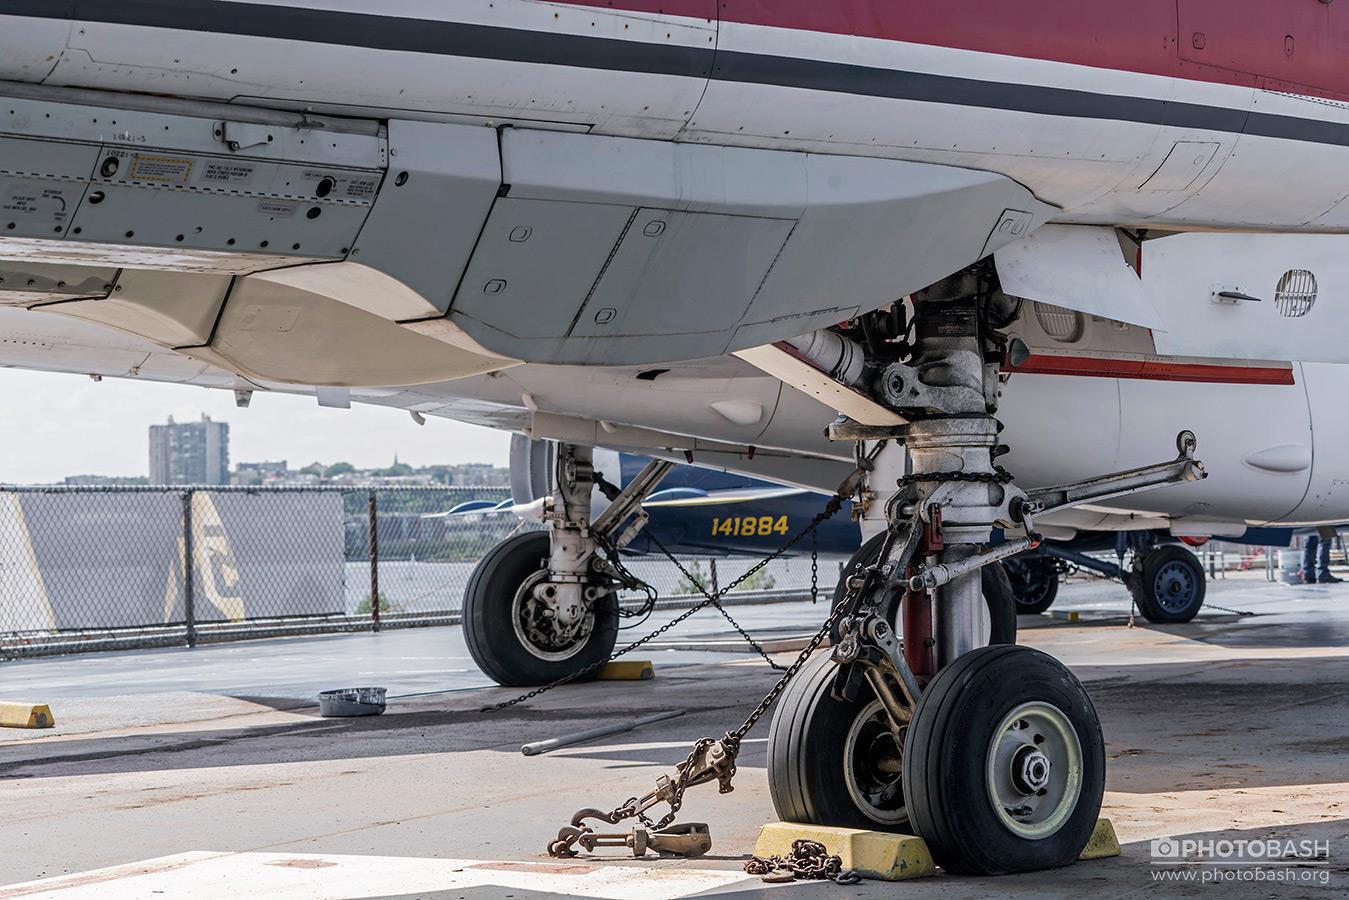 American-Jet-Fighter-Aircraft-Landing-Gear.jpg